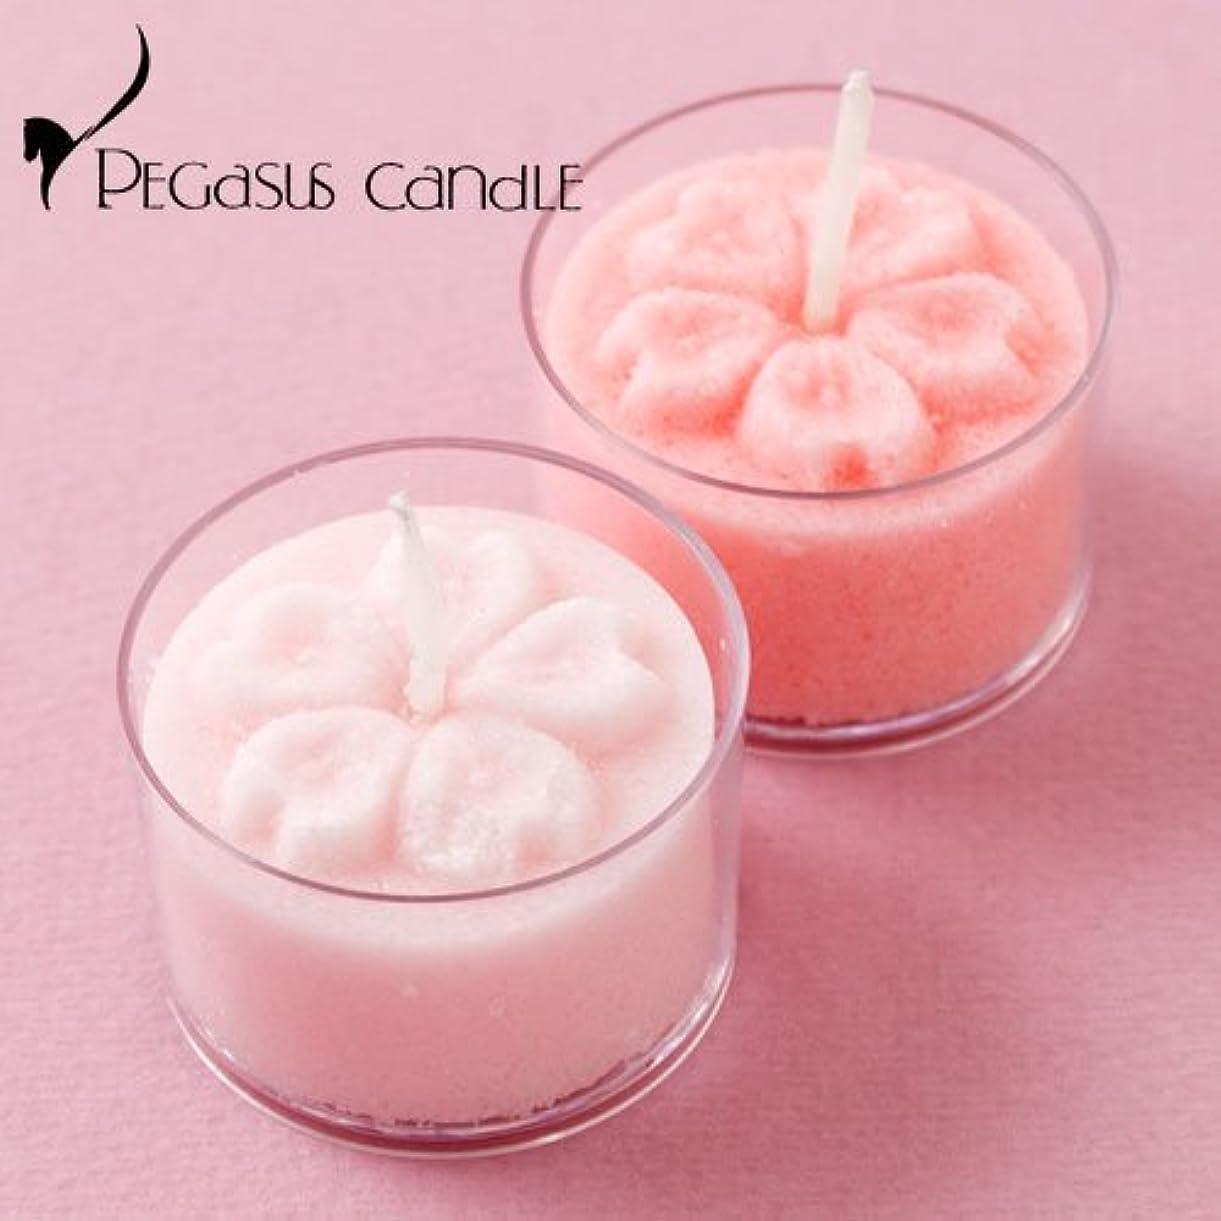 極地薬を飲むふりをする花暦桜花の形のキャンドル2個セット(無香タイプ)ペガサスキャンドルFlower shaped candle